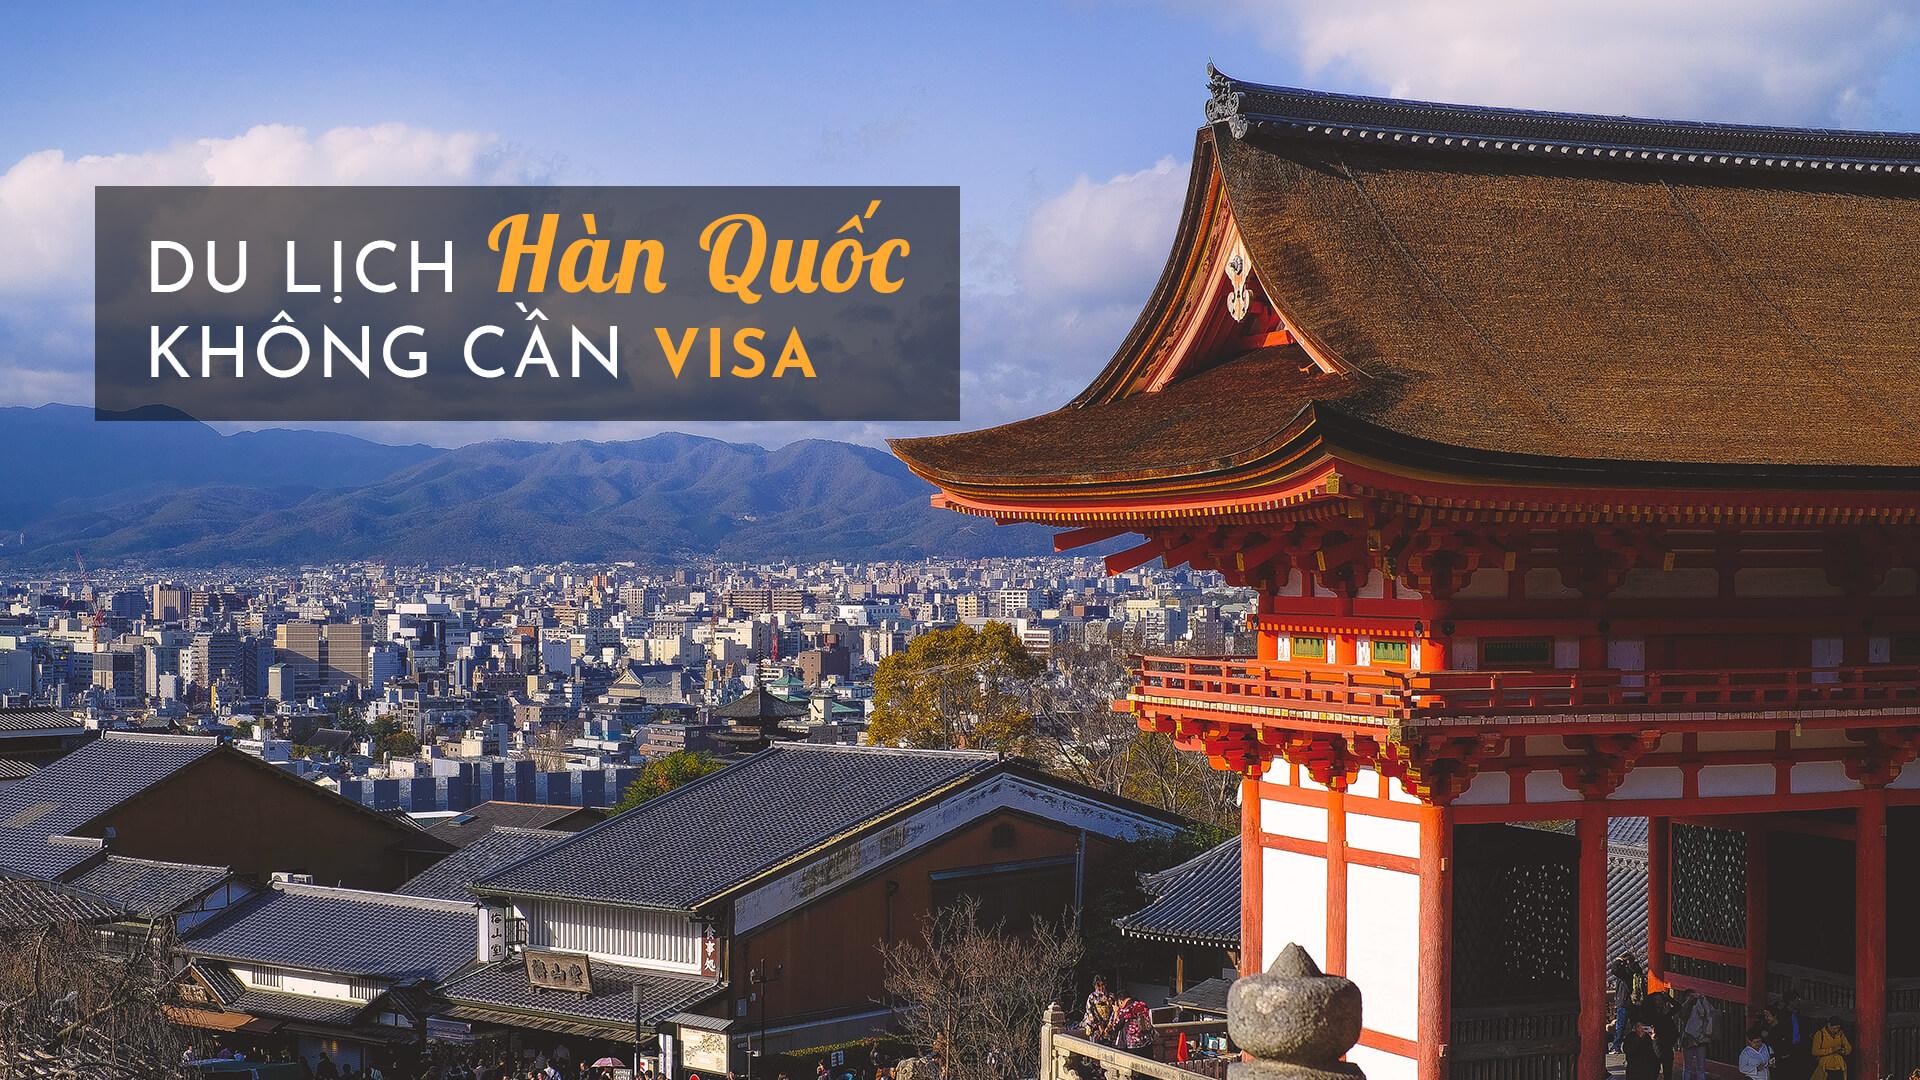 Sự thật về Tour du lịch Hàn Quốc không cần visa?